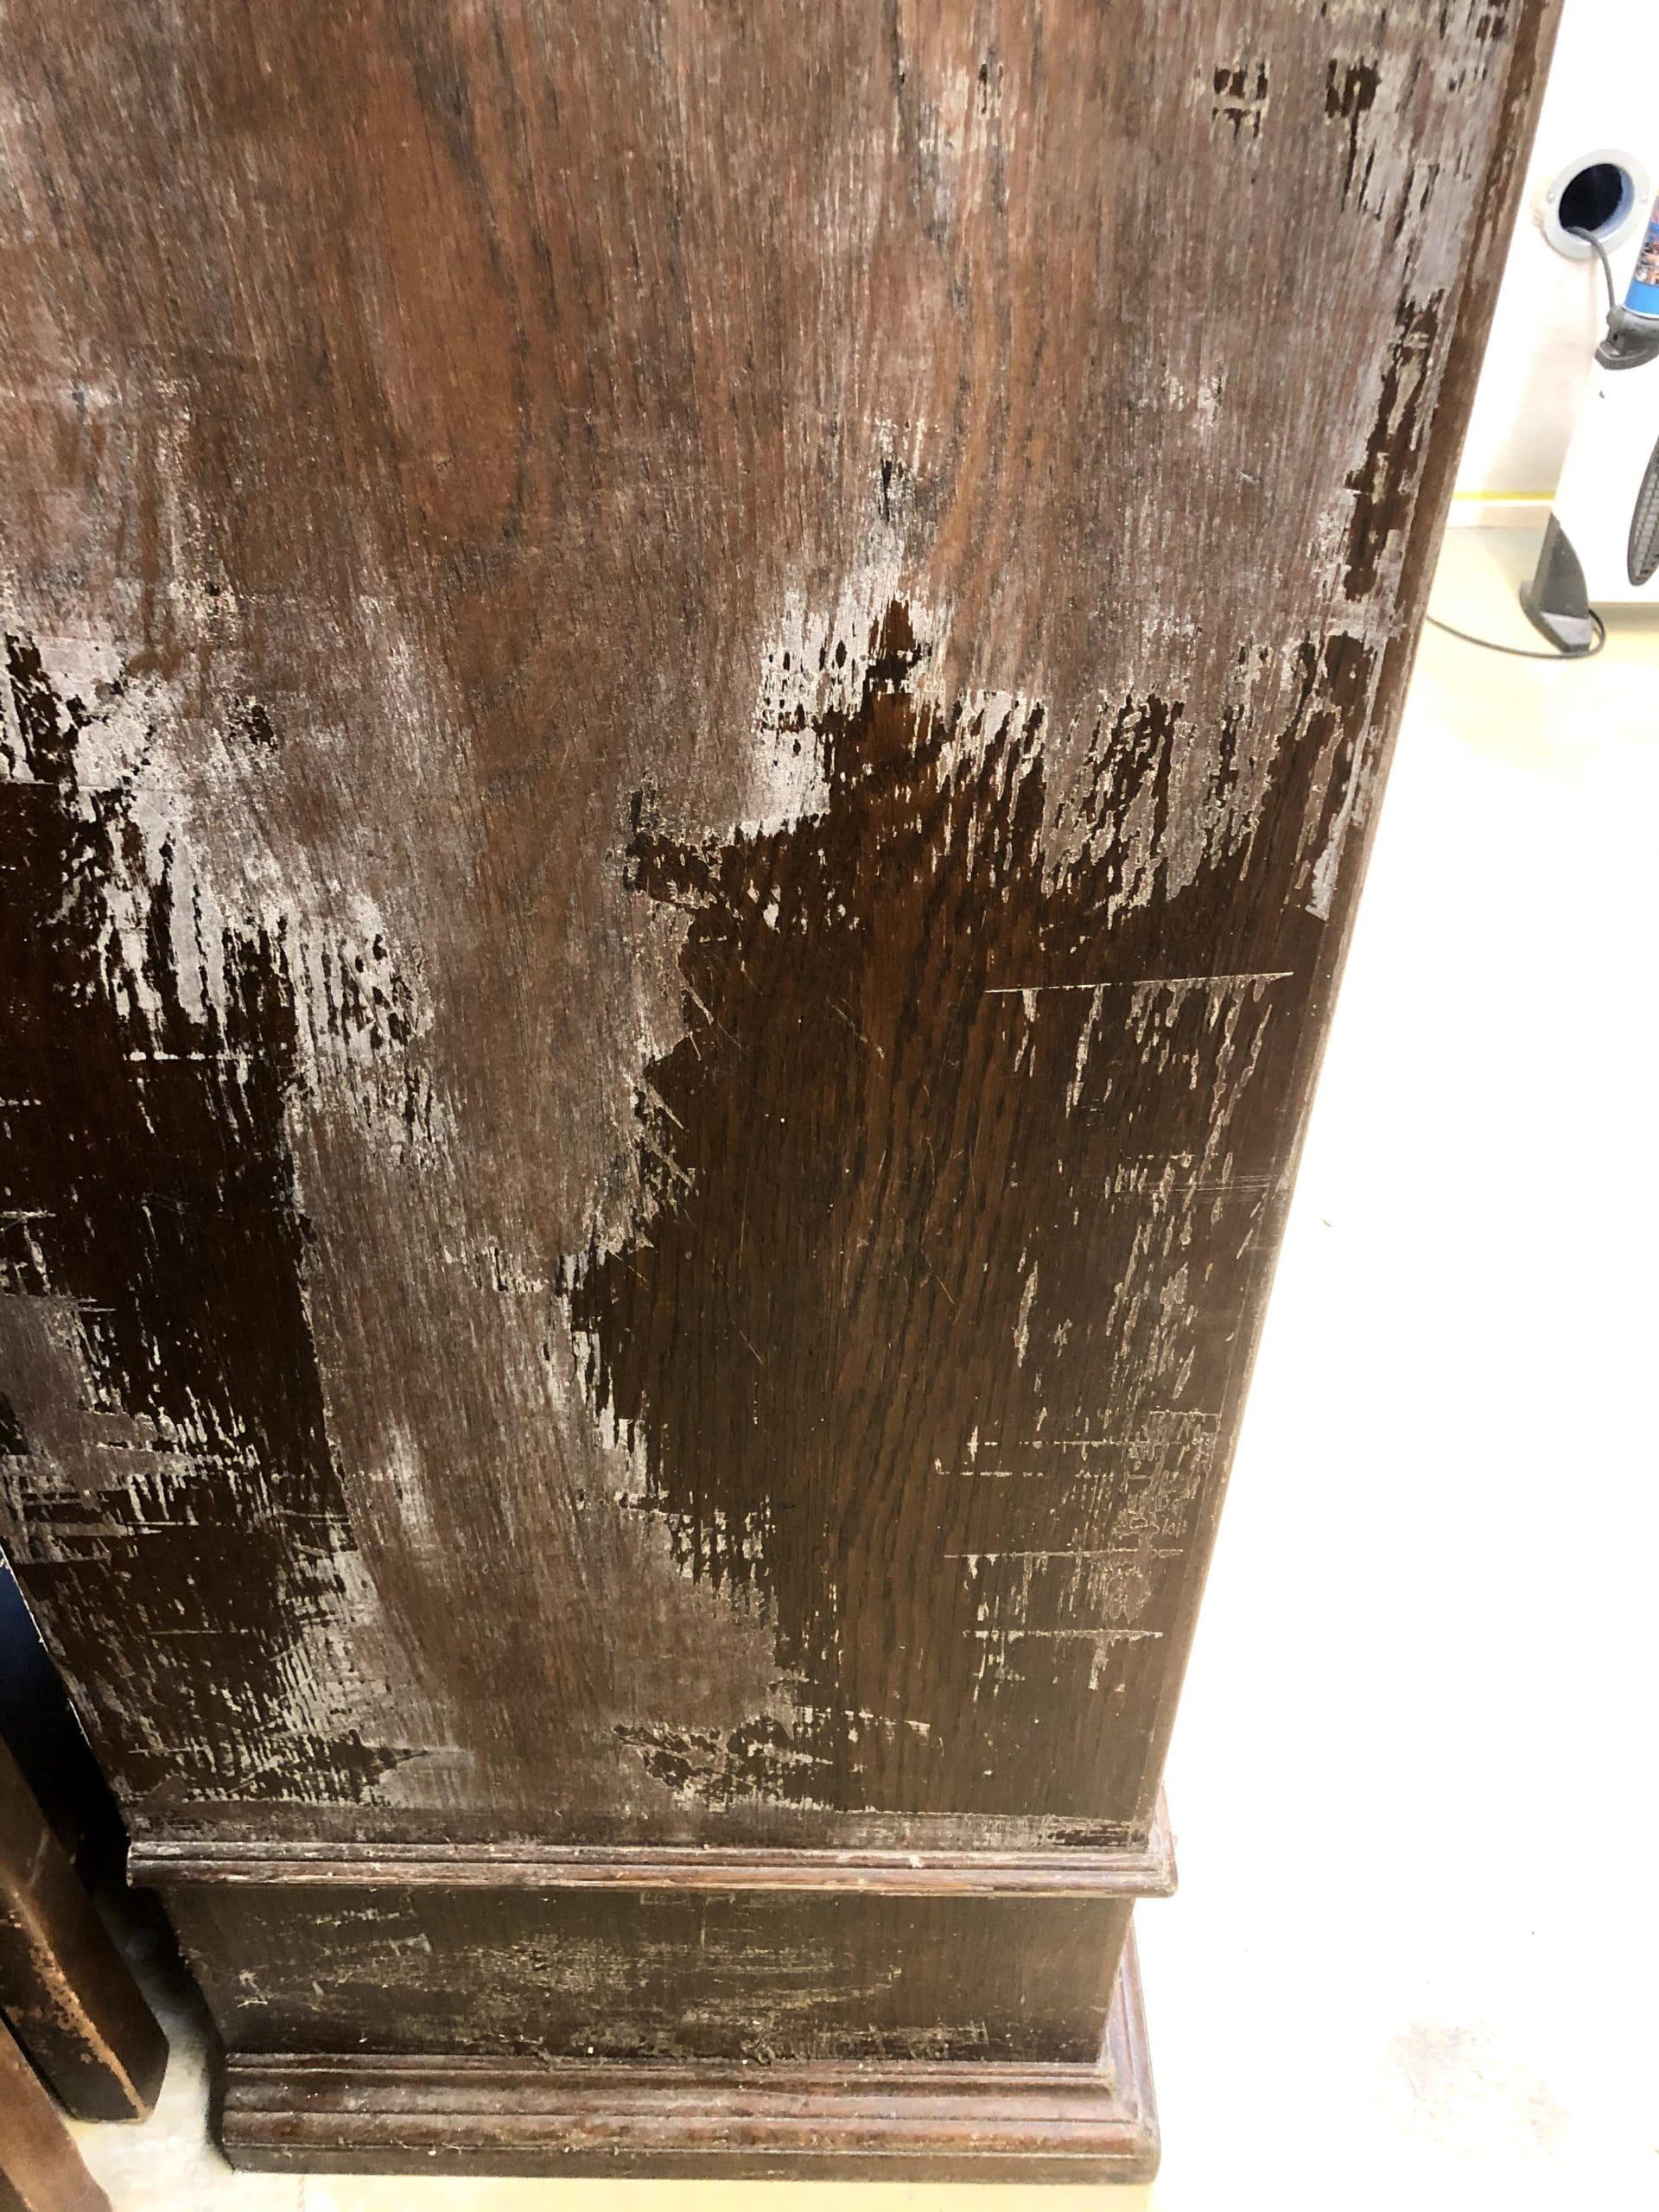 Notre client à essayé de décaper son meuble par ses propres moyens